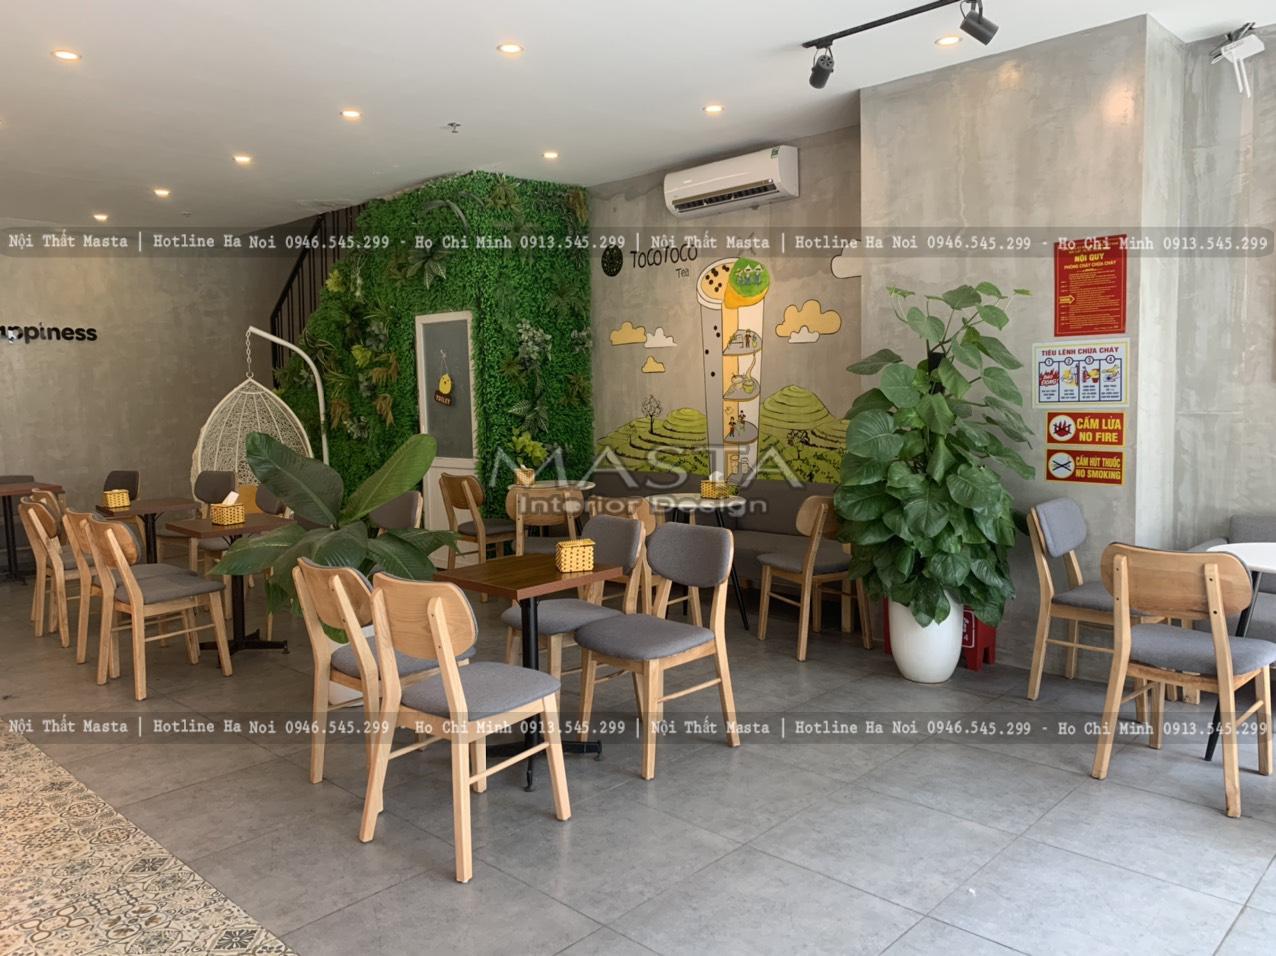 Thiết kế quán trà sữa mang phong cách hiện đại